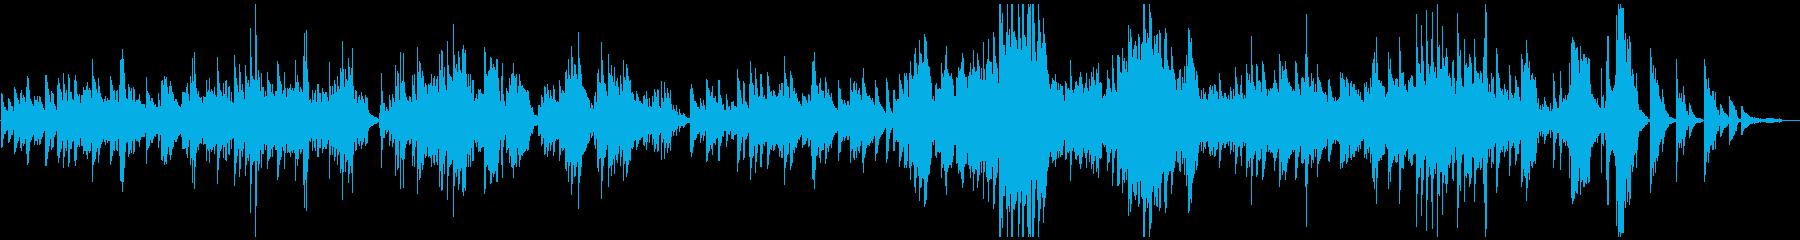 ベートーベンピアノソナタ悲愴2楽章原曲の再生済みの波形